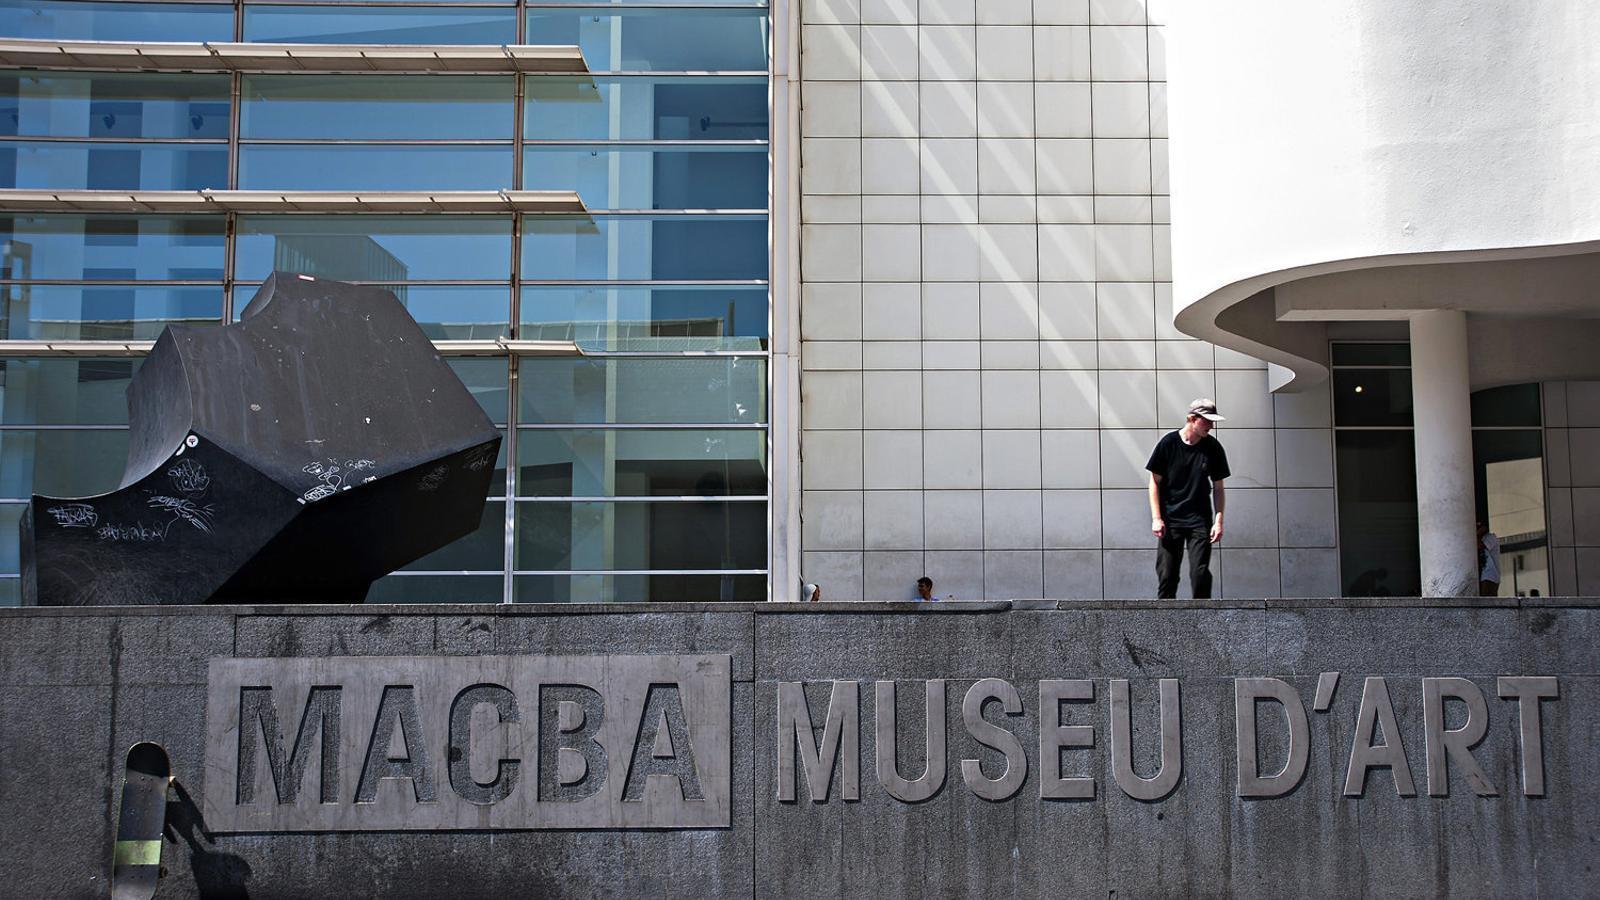 El Museu d'Art Contemporani de Barcelona (Macba)